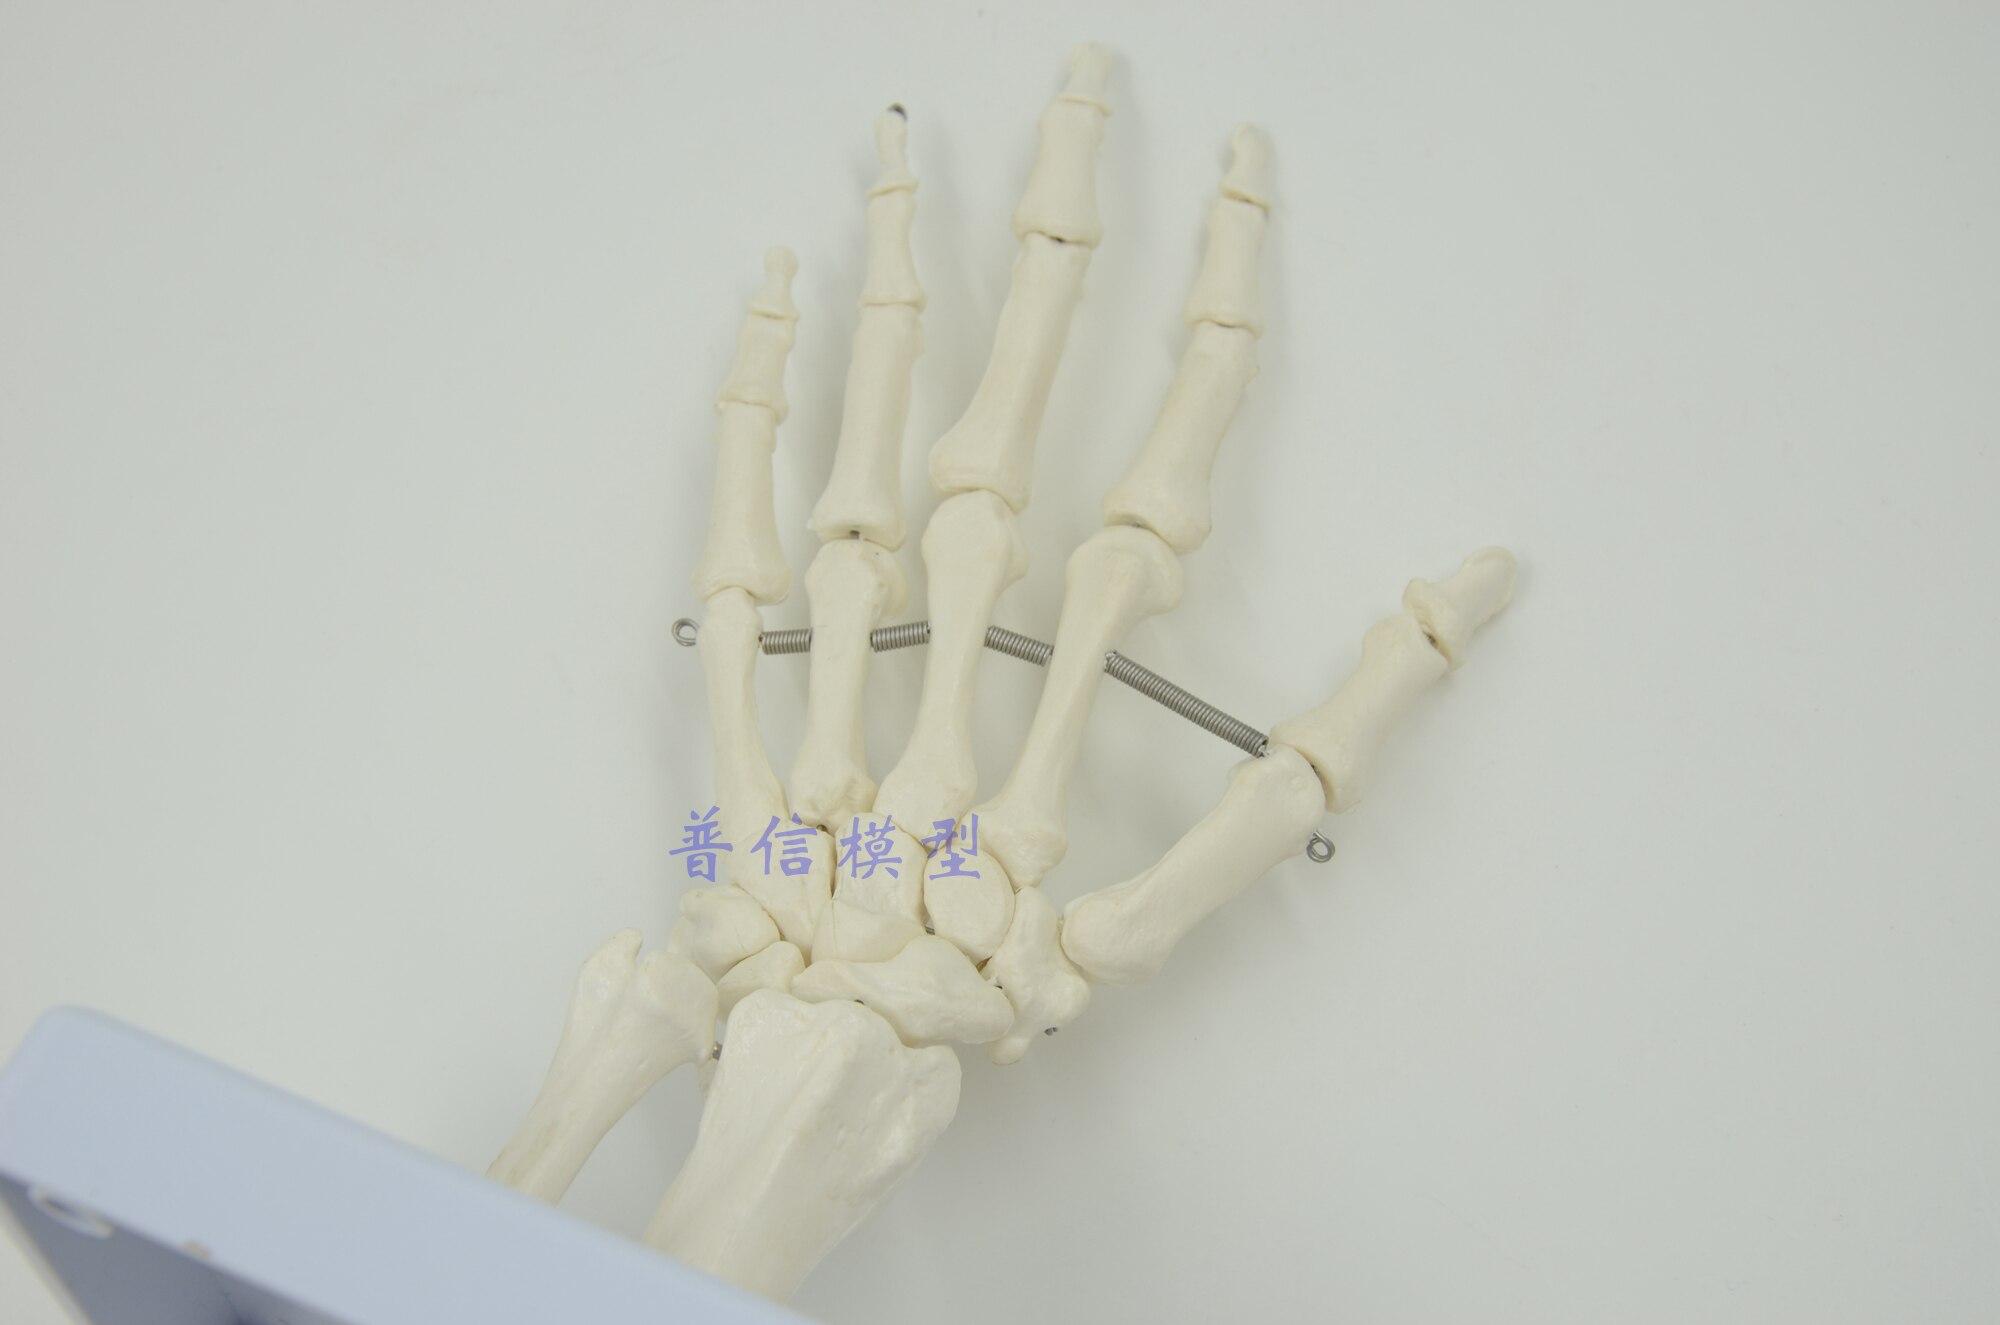 Groß Knochen Im Handgelenk Und Hand Bilder - Menschliche Anatomie ...